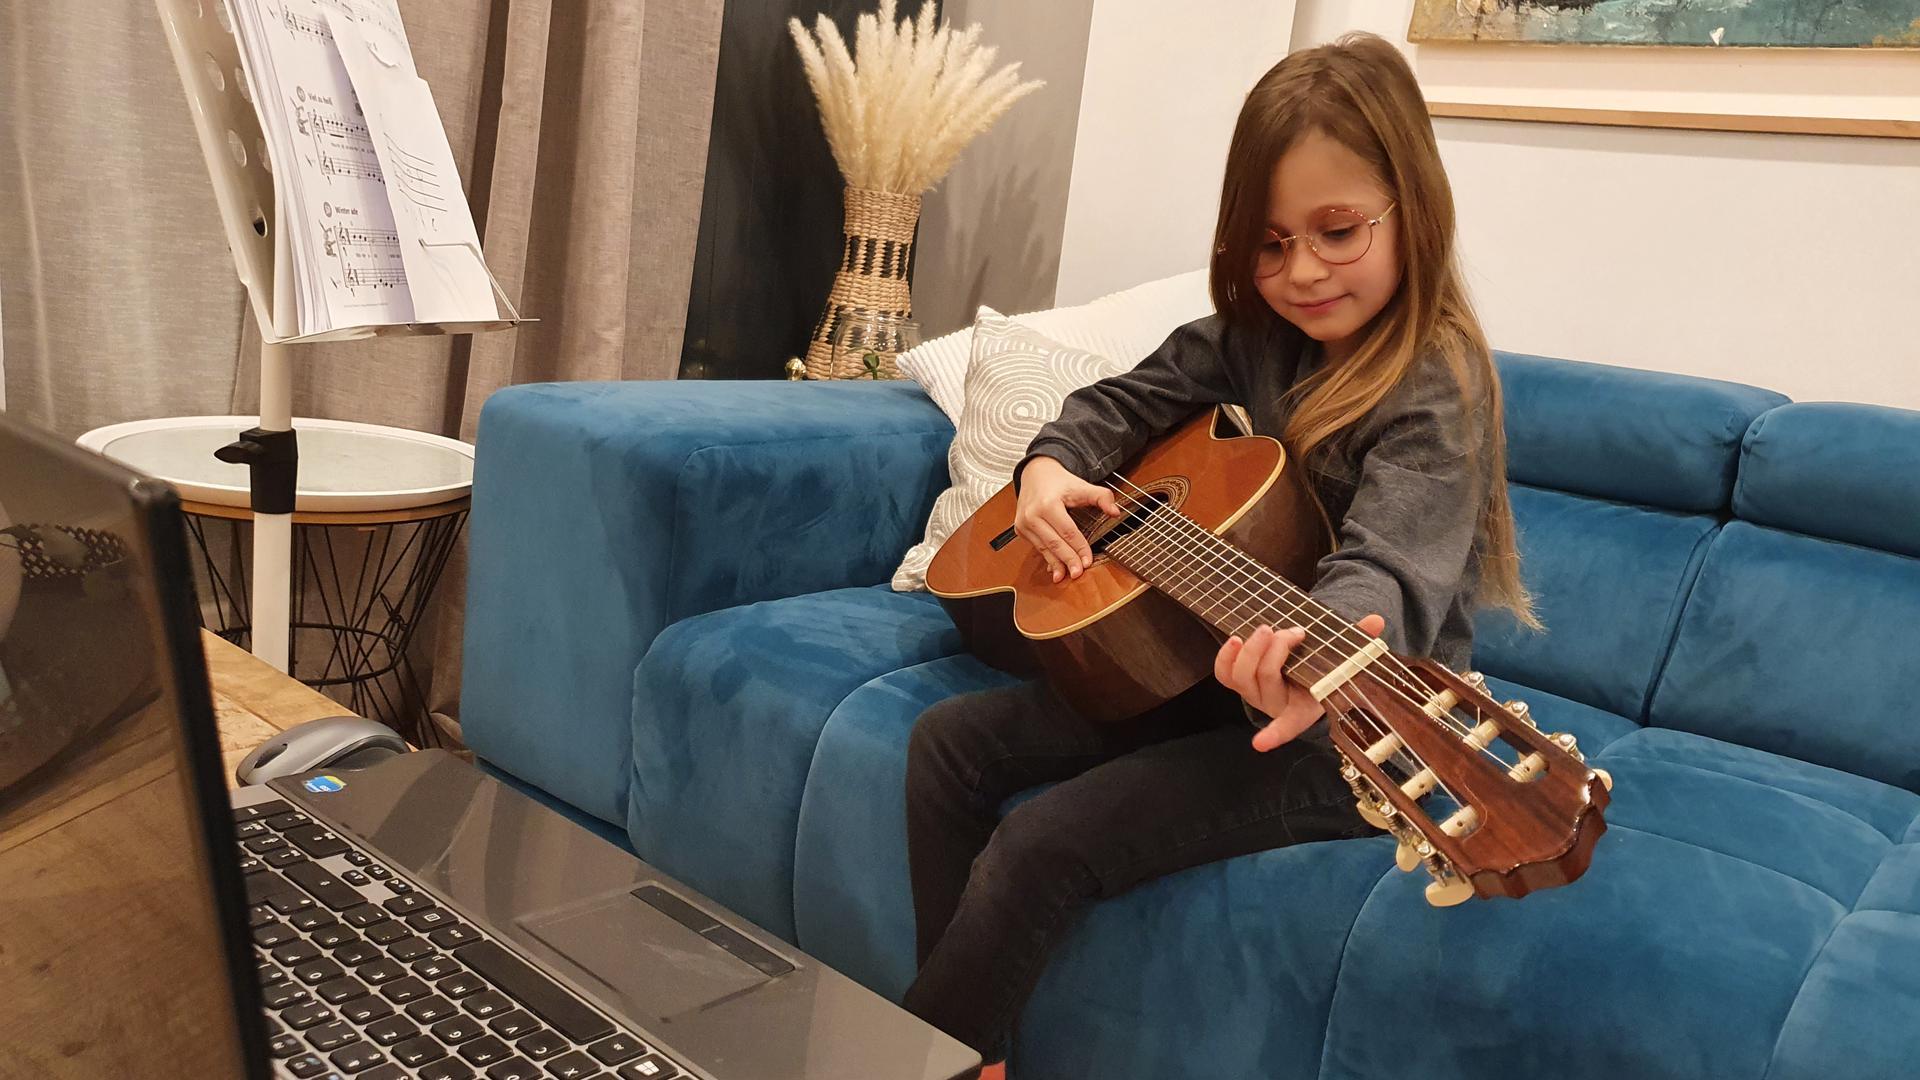 Ein Mädchen spielt Gitarre auf dem Sofa